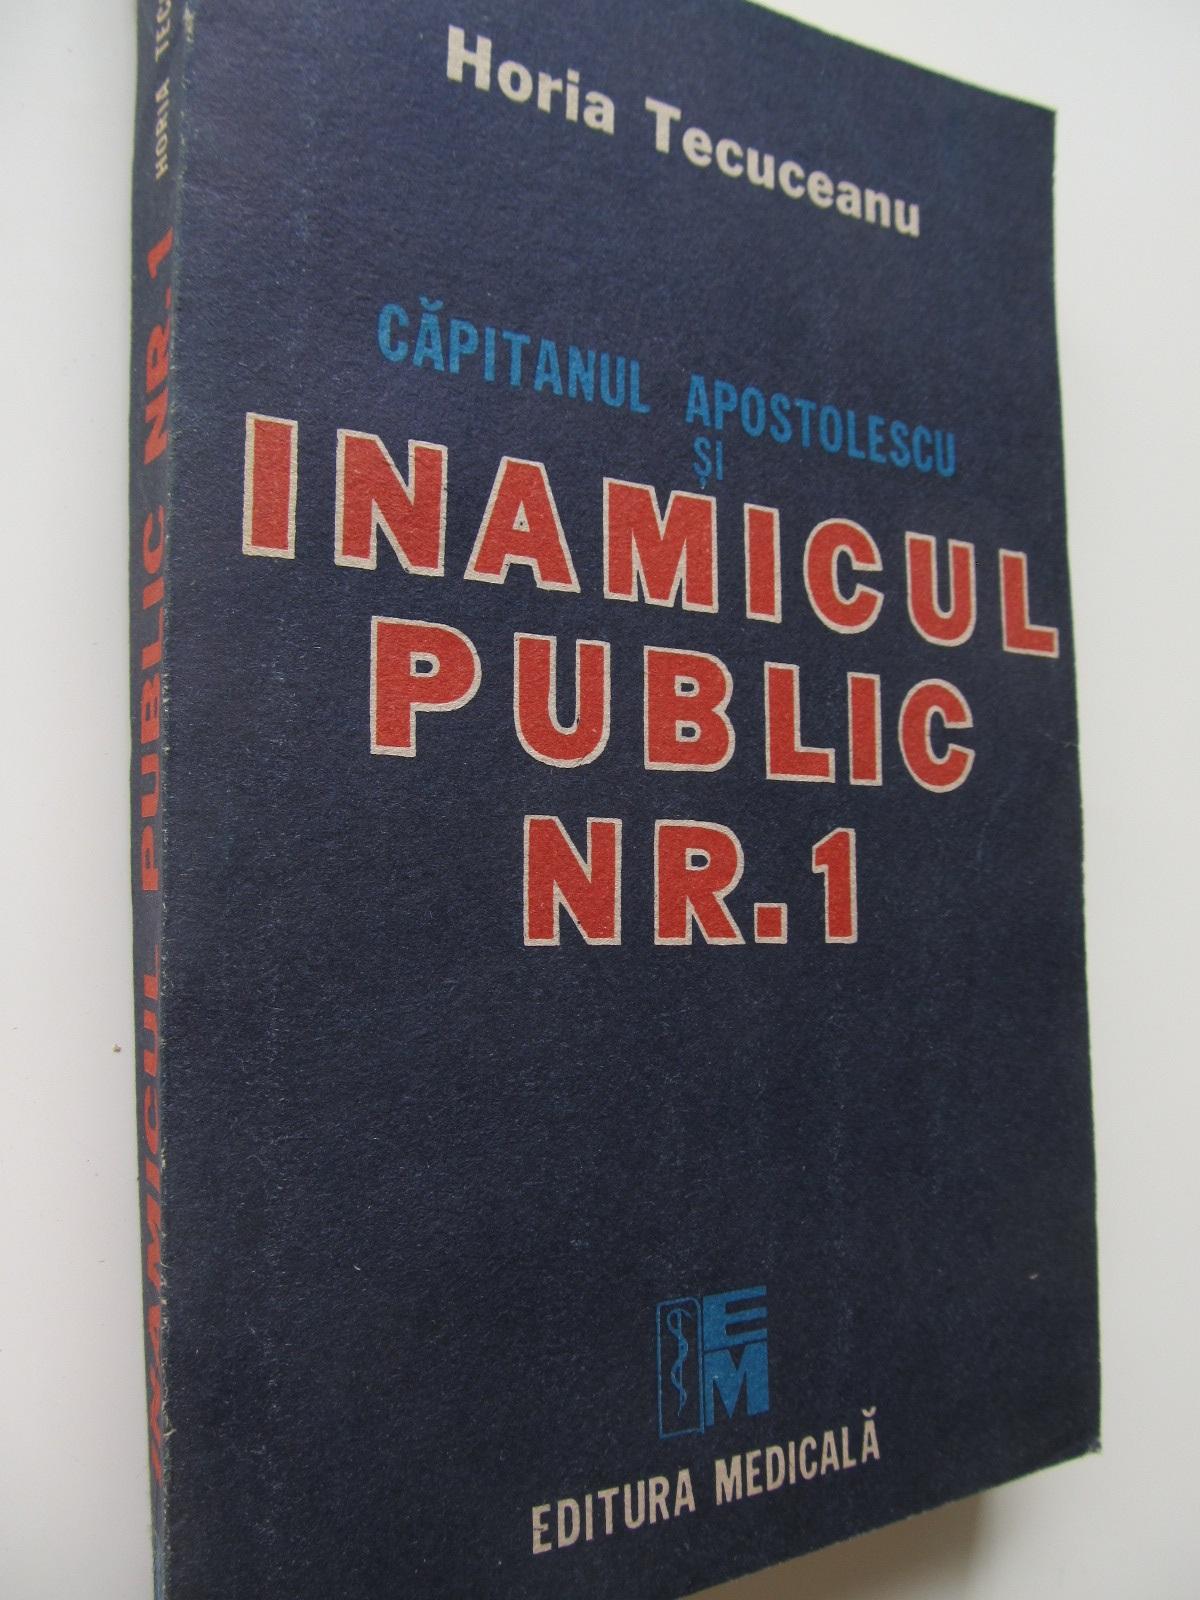 Capitanul Apostolescu si inamicul public Nr 1 - Horia Tecuceanu | Detalii carte